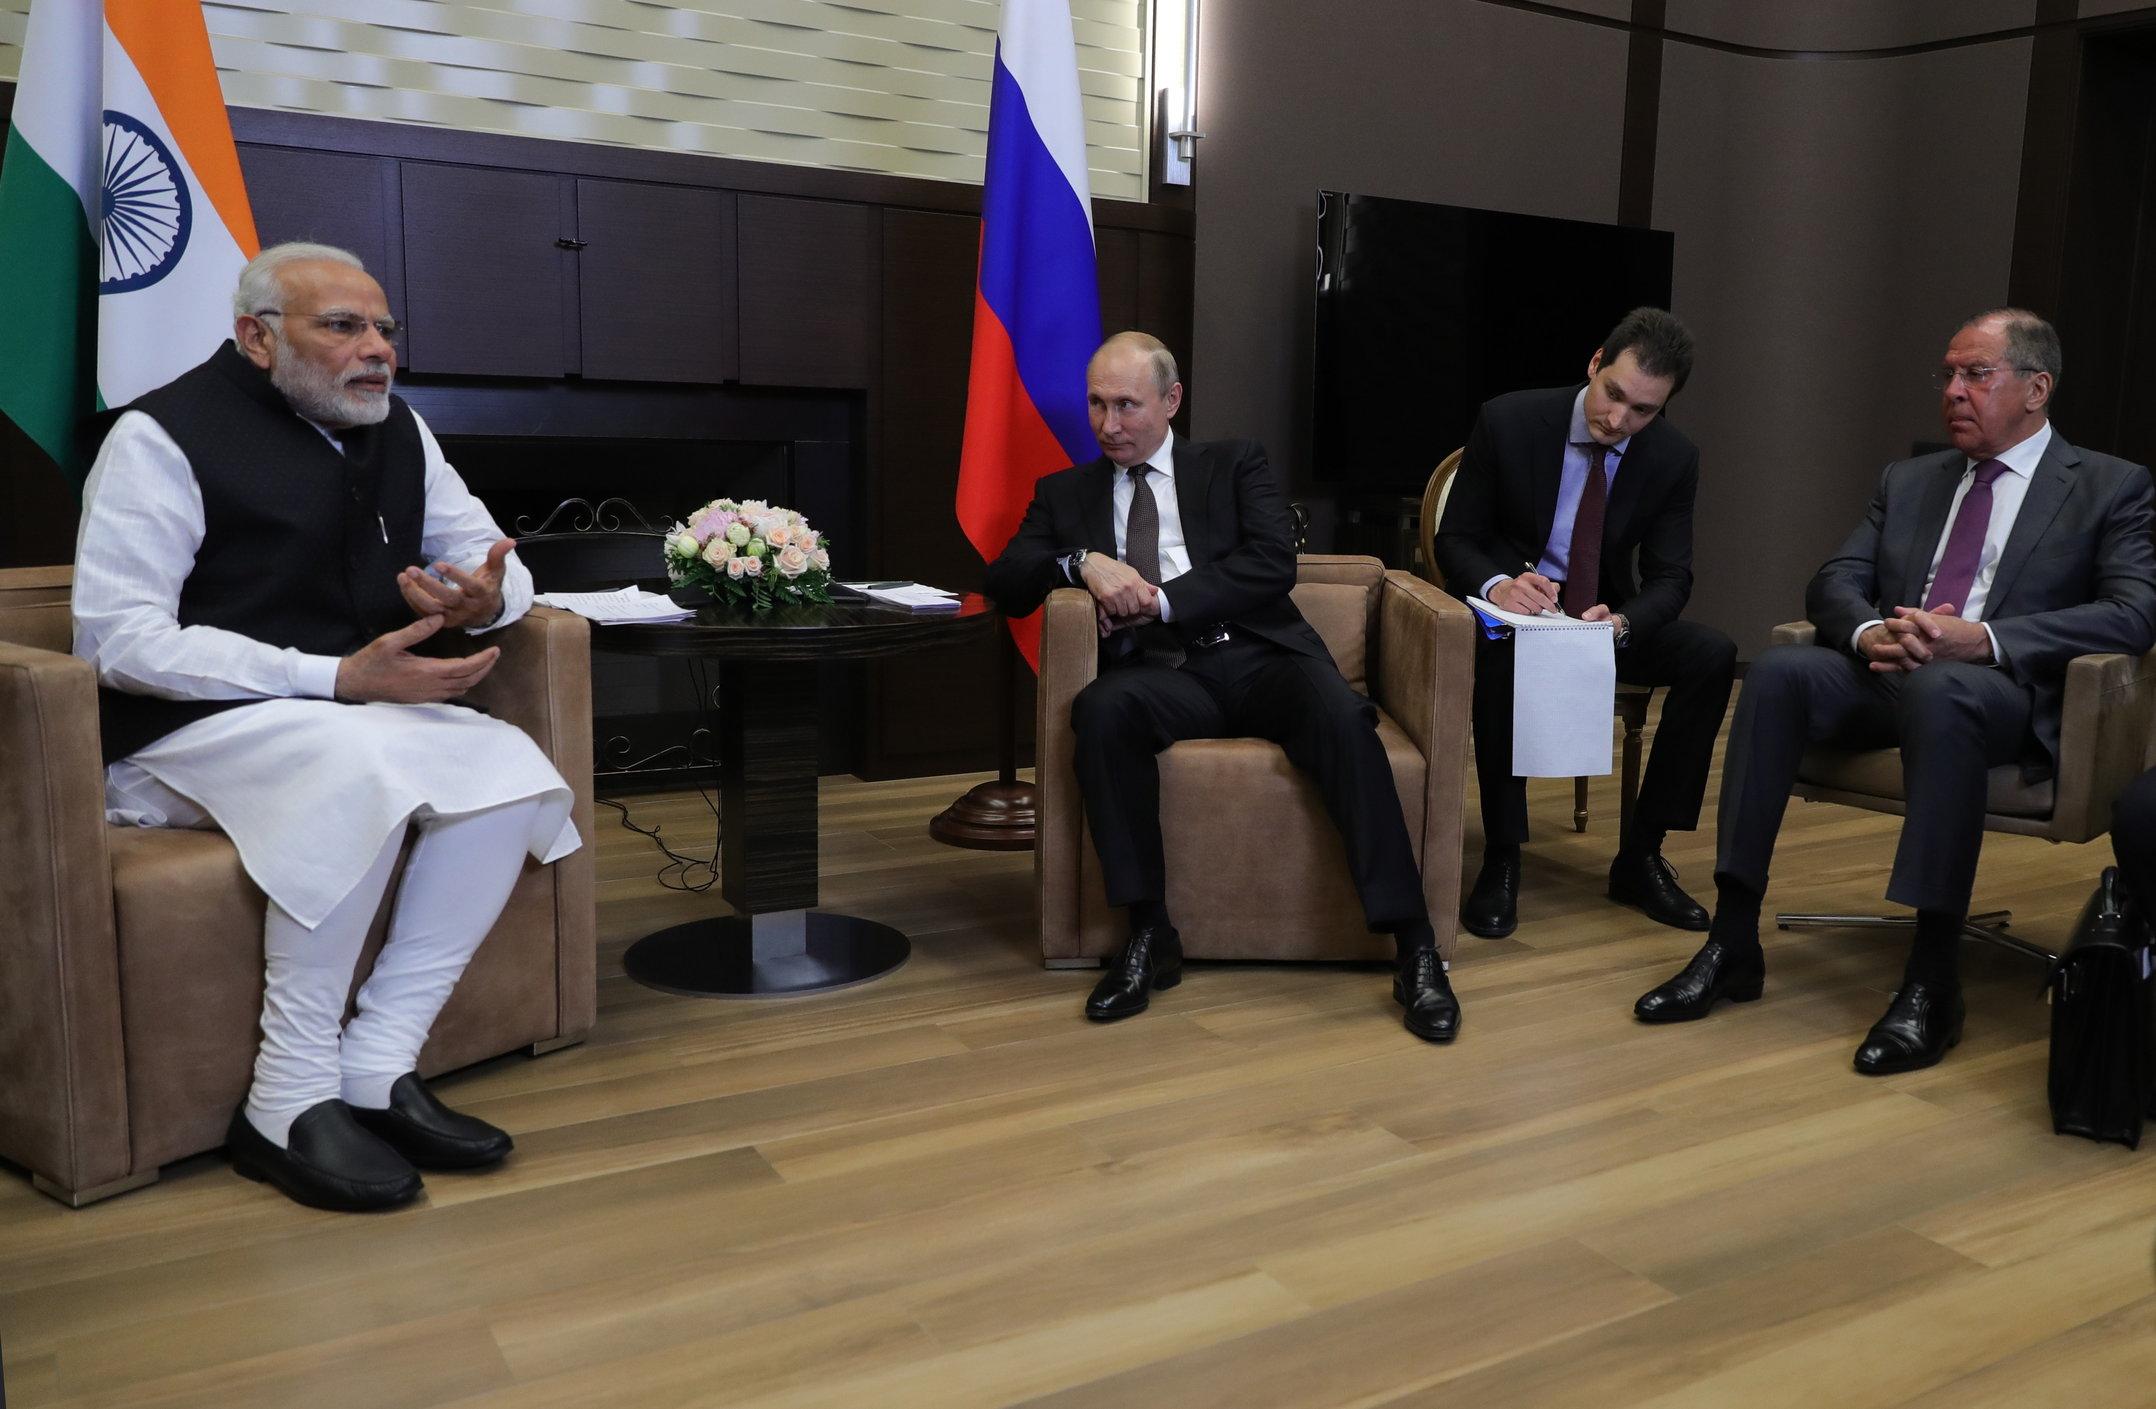 Indija planira slobodnu trgovinu s ruskom postsovjetskom ekonomskom unijom